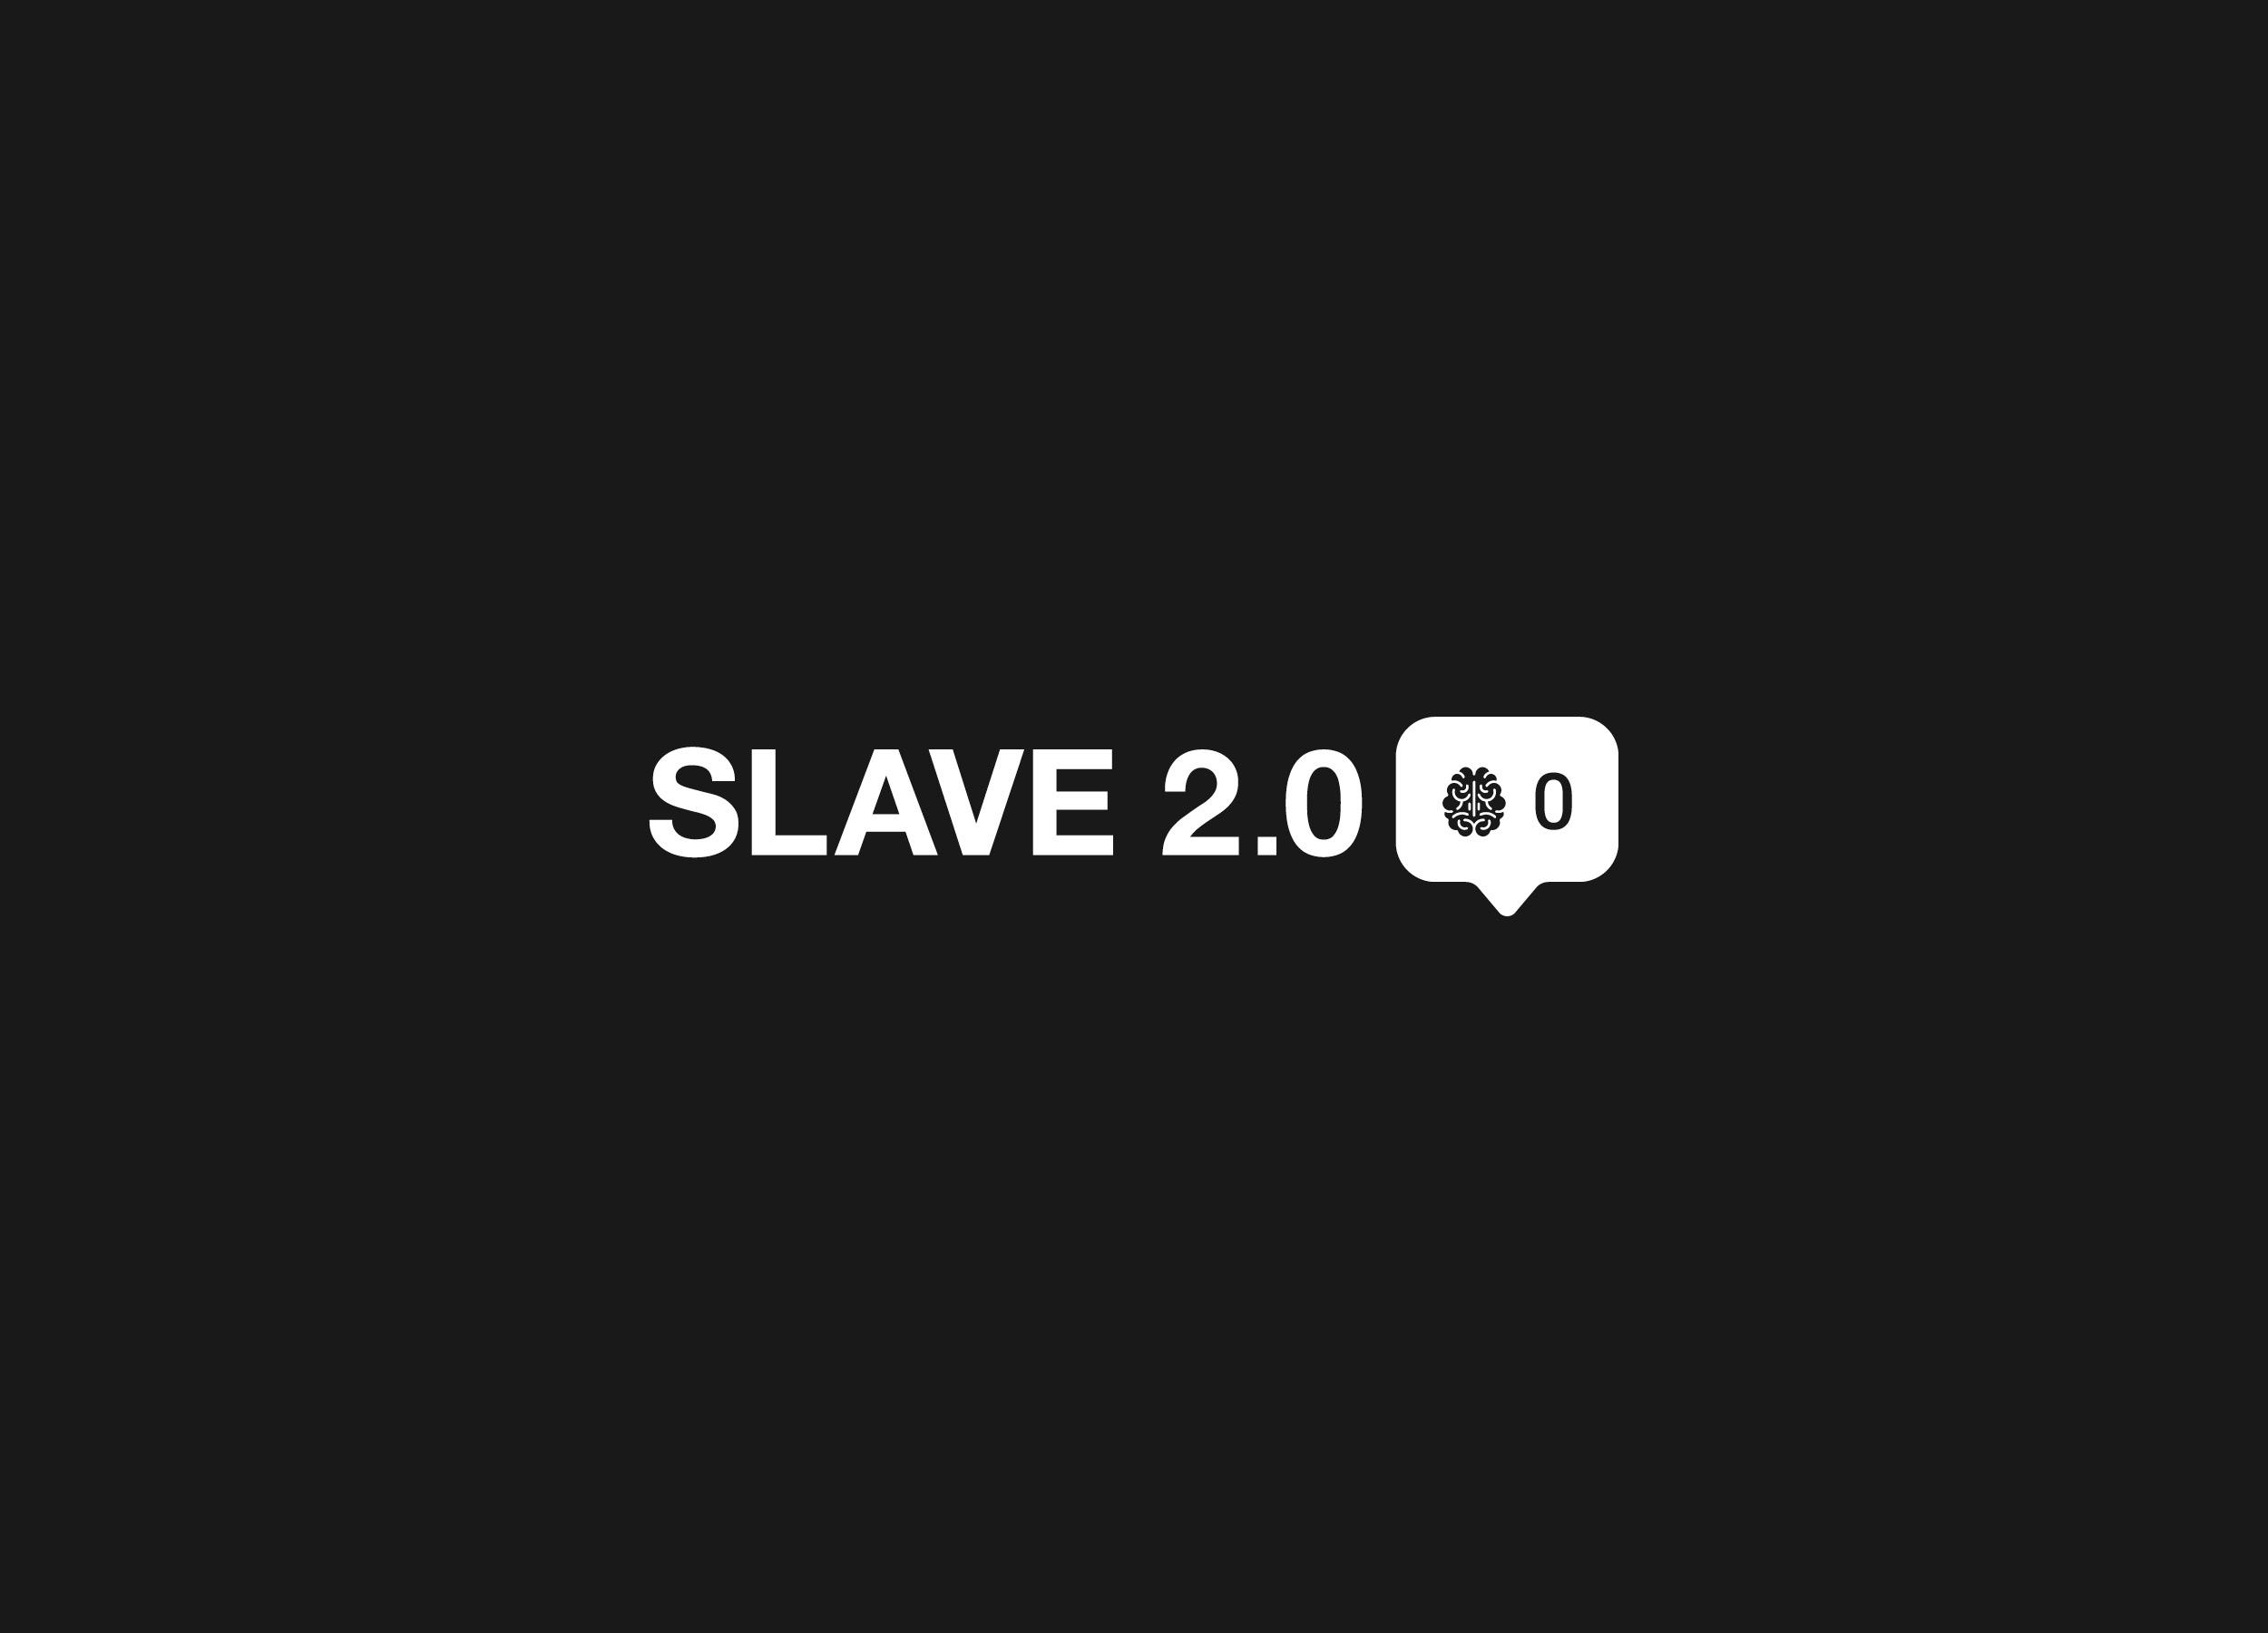 slave1.jpg